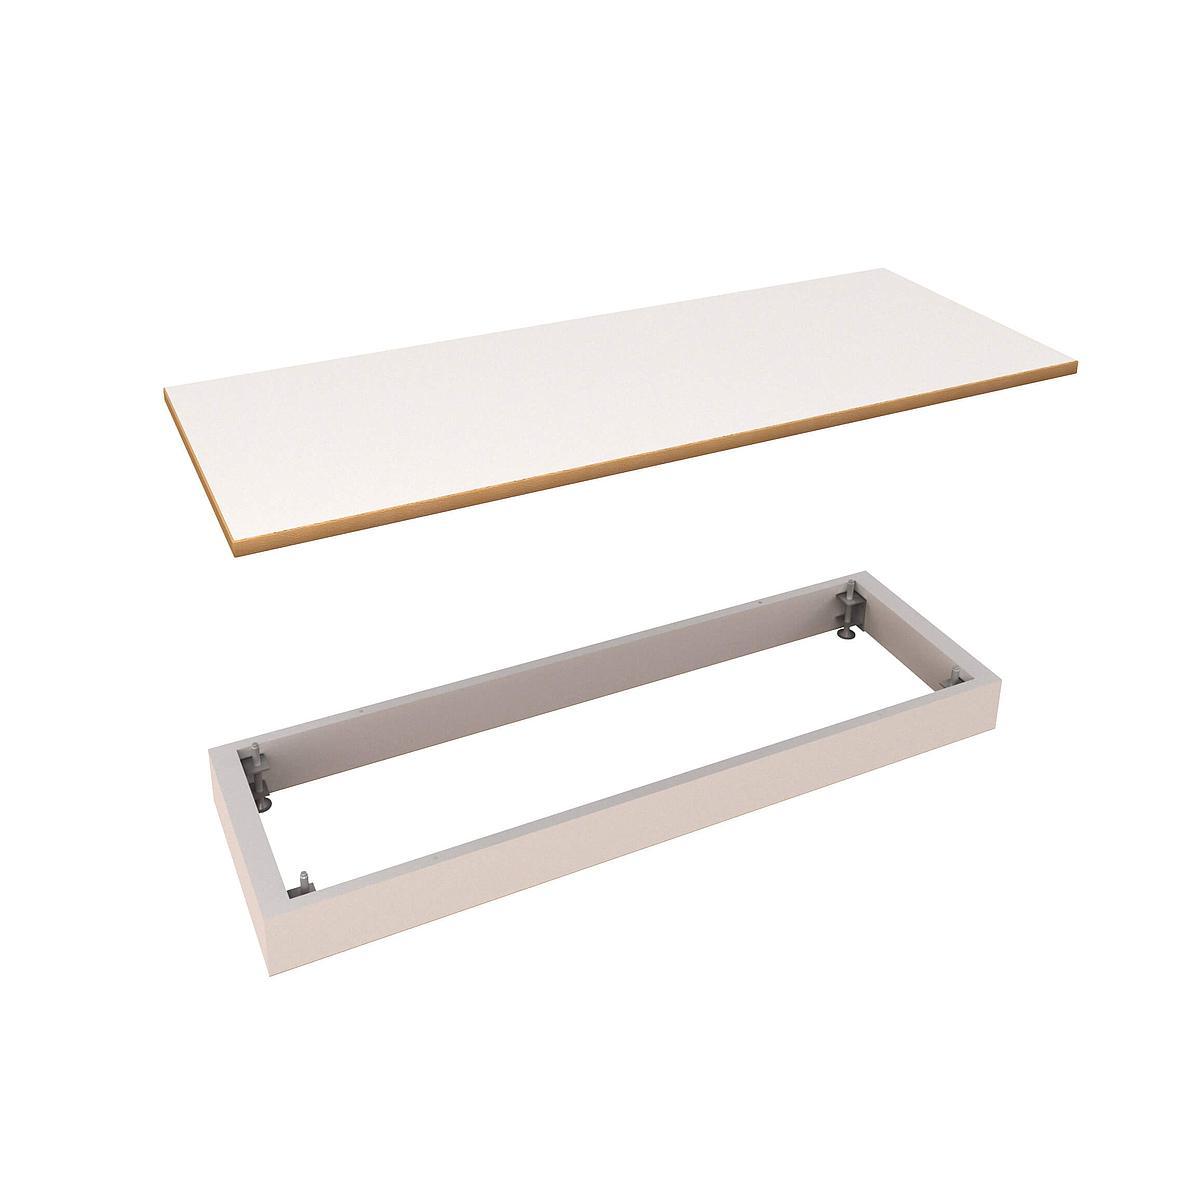 Deckplatte und Sockel breit DECOR Debreuyn - Melamin weiß mit Buchenkante